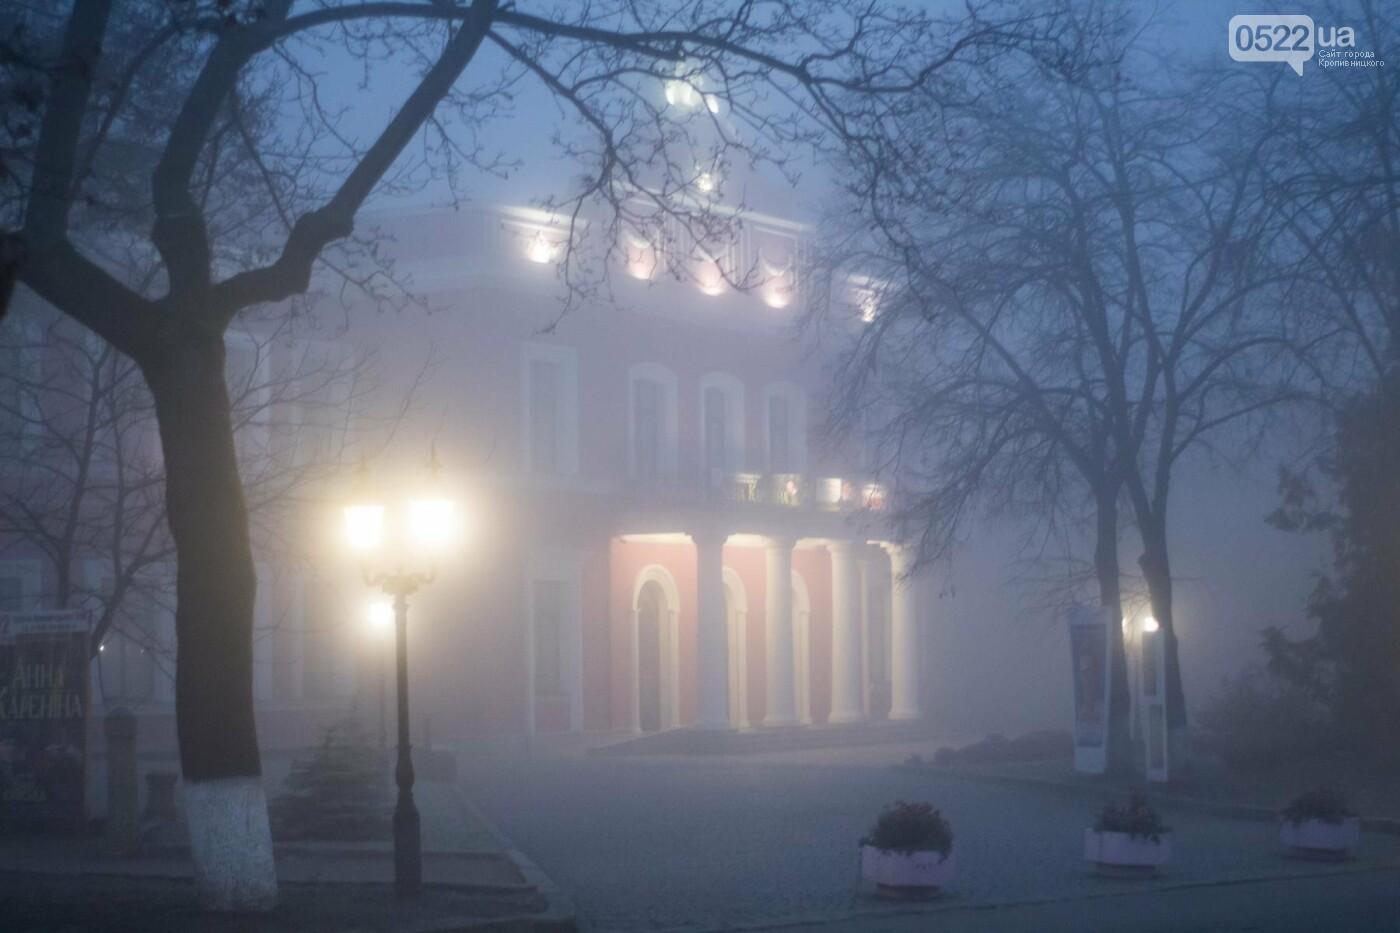 Зранку Кропивницький оповив густий туман. Фото, фото-3